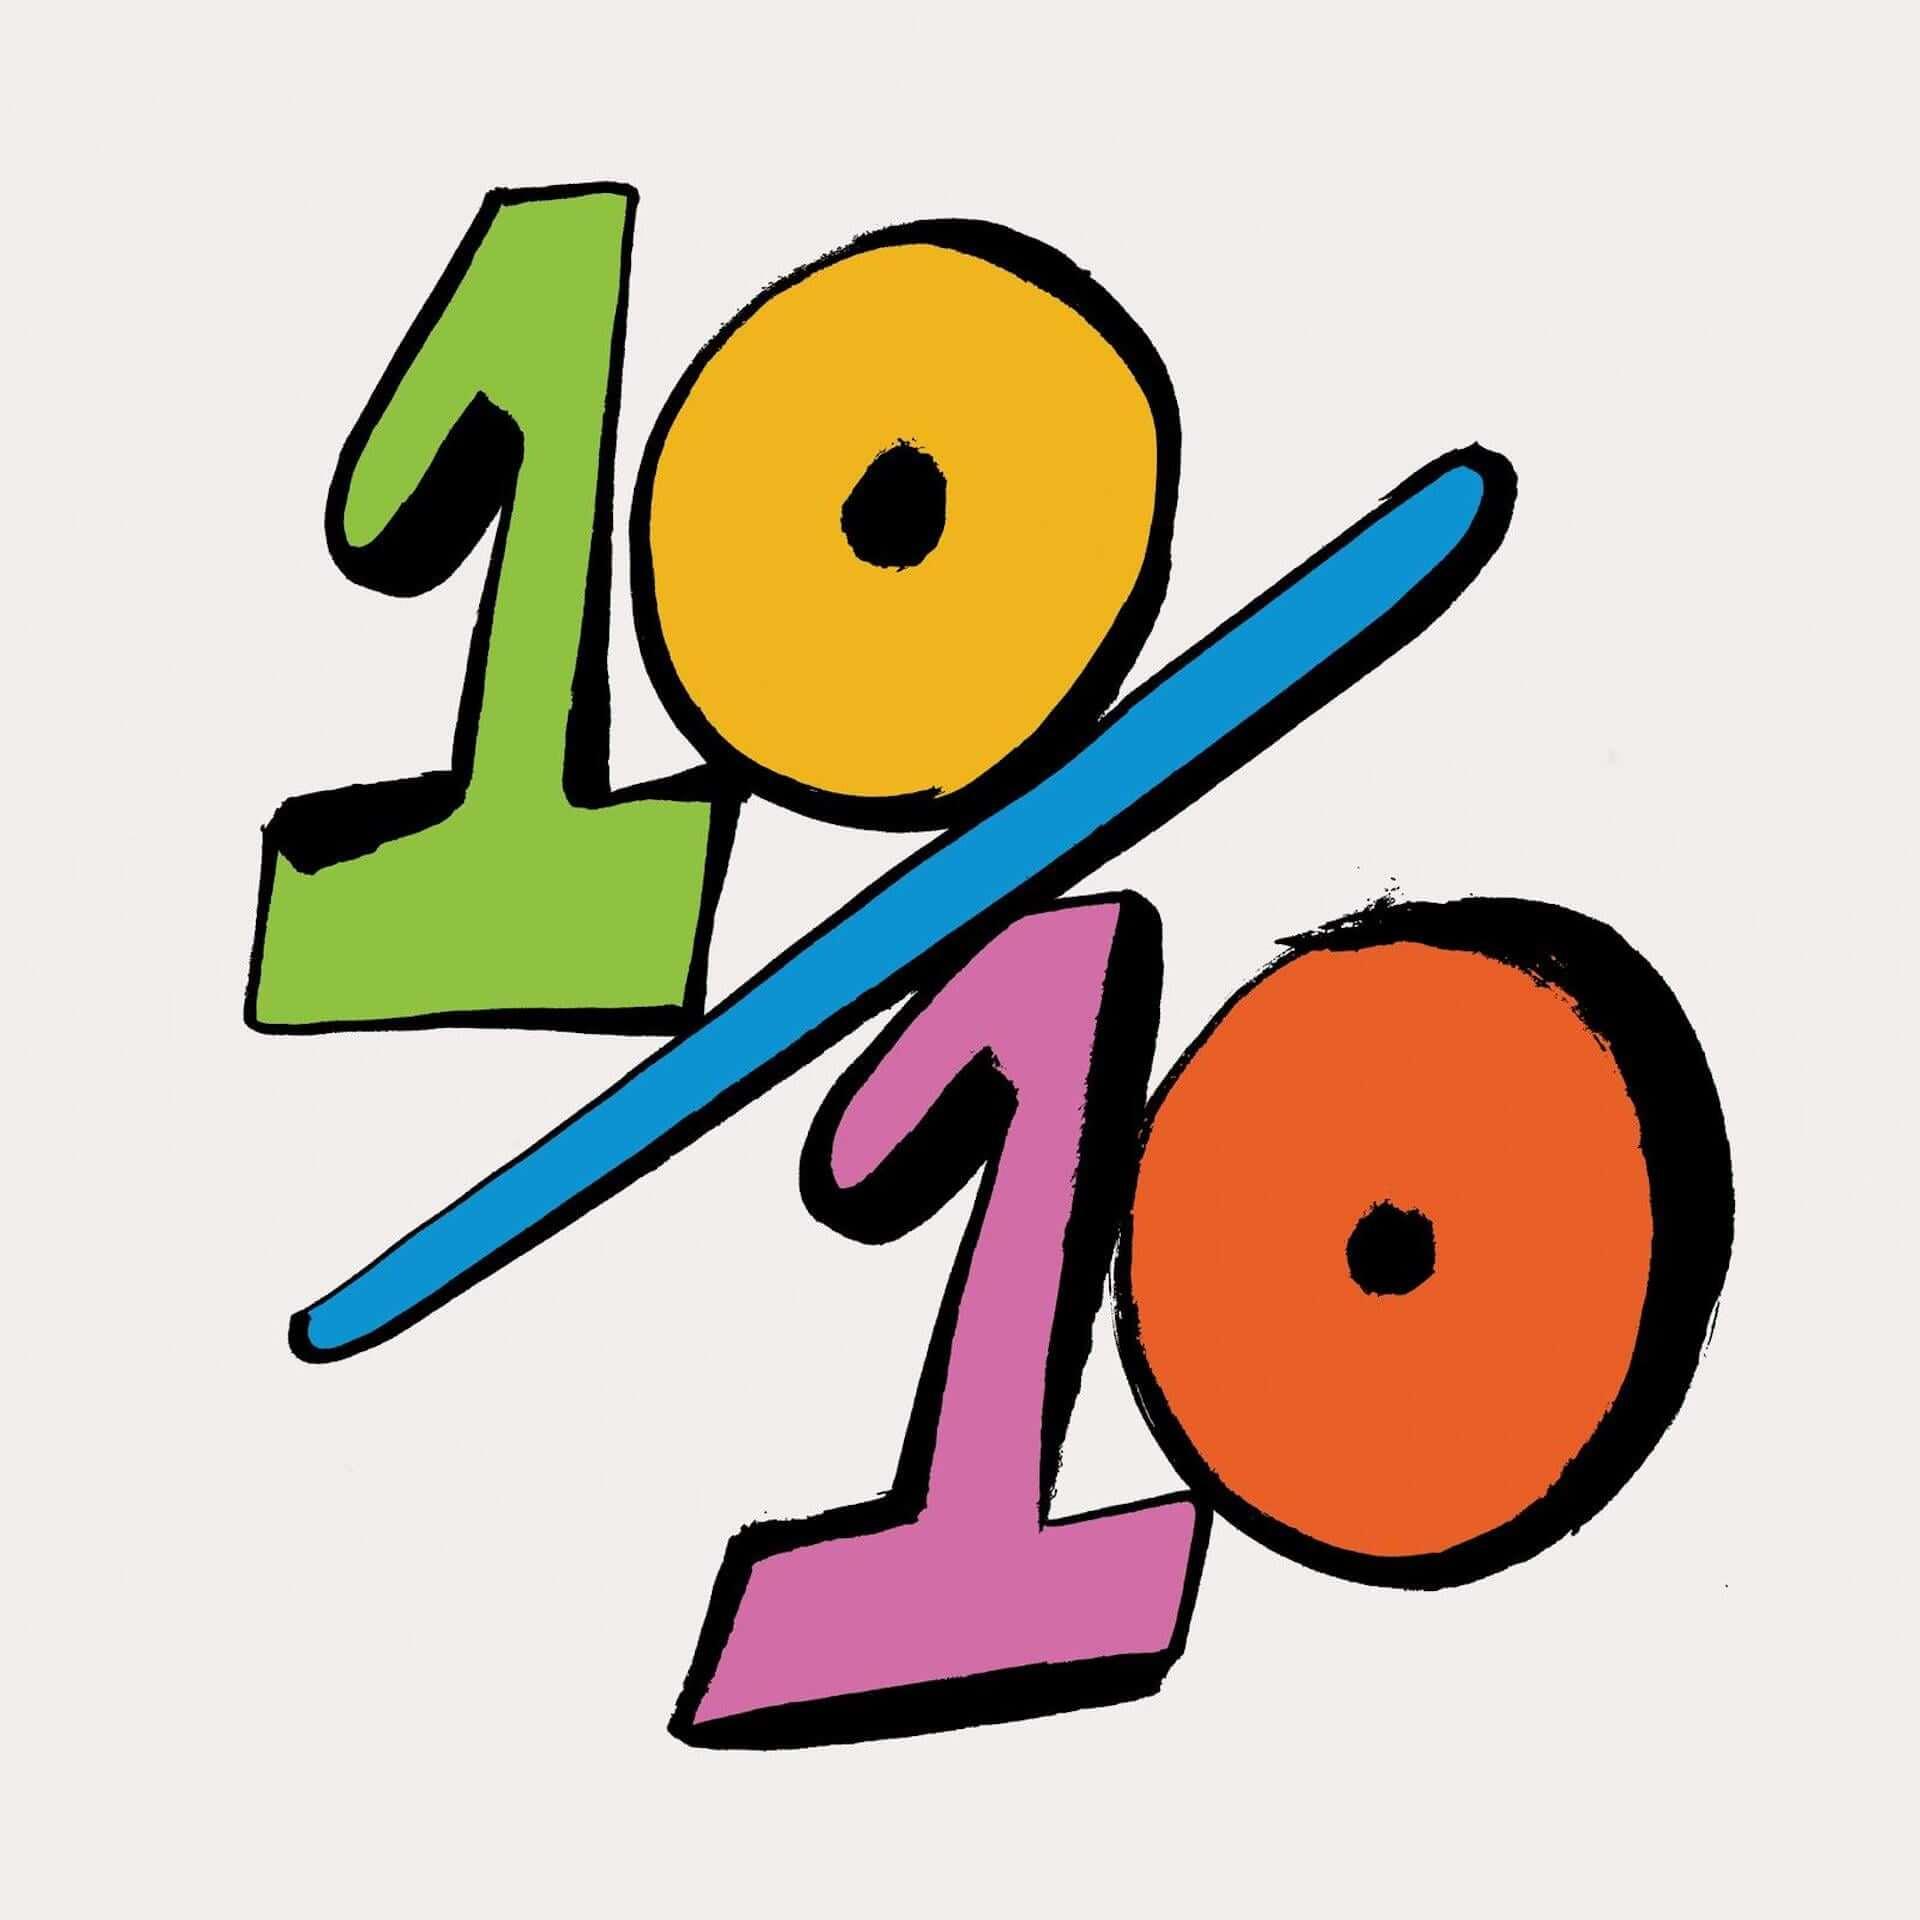 昨年のSUMMER SONICを沸かせたレックス・オレンジ・カウンティ、新曲「10/10」をリリース music190913_rex_1-1920x1920